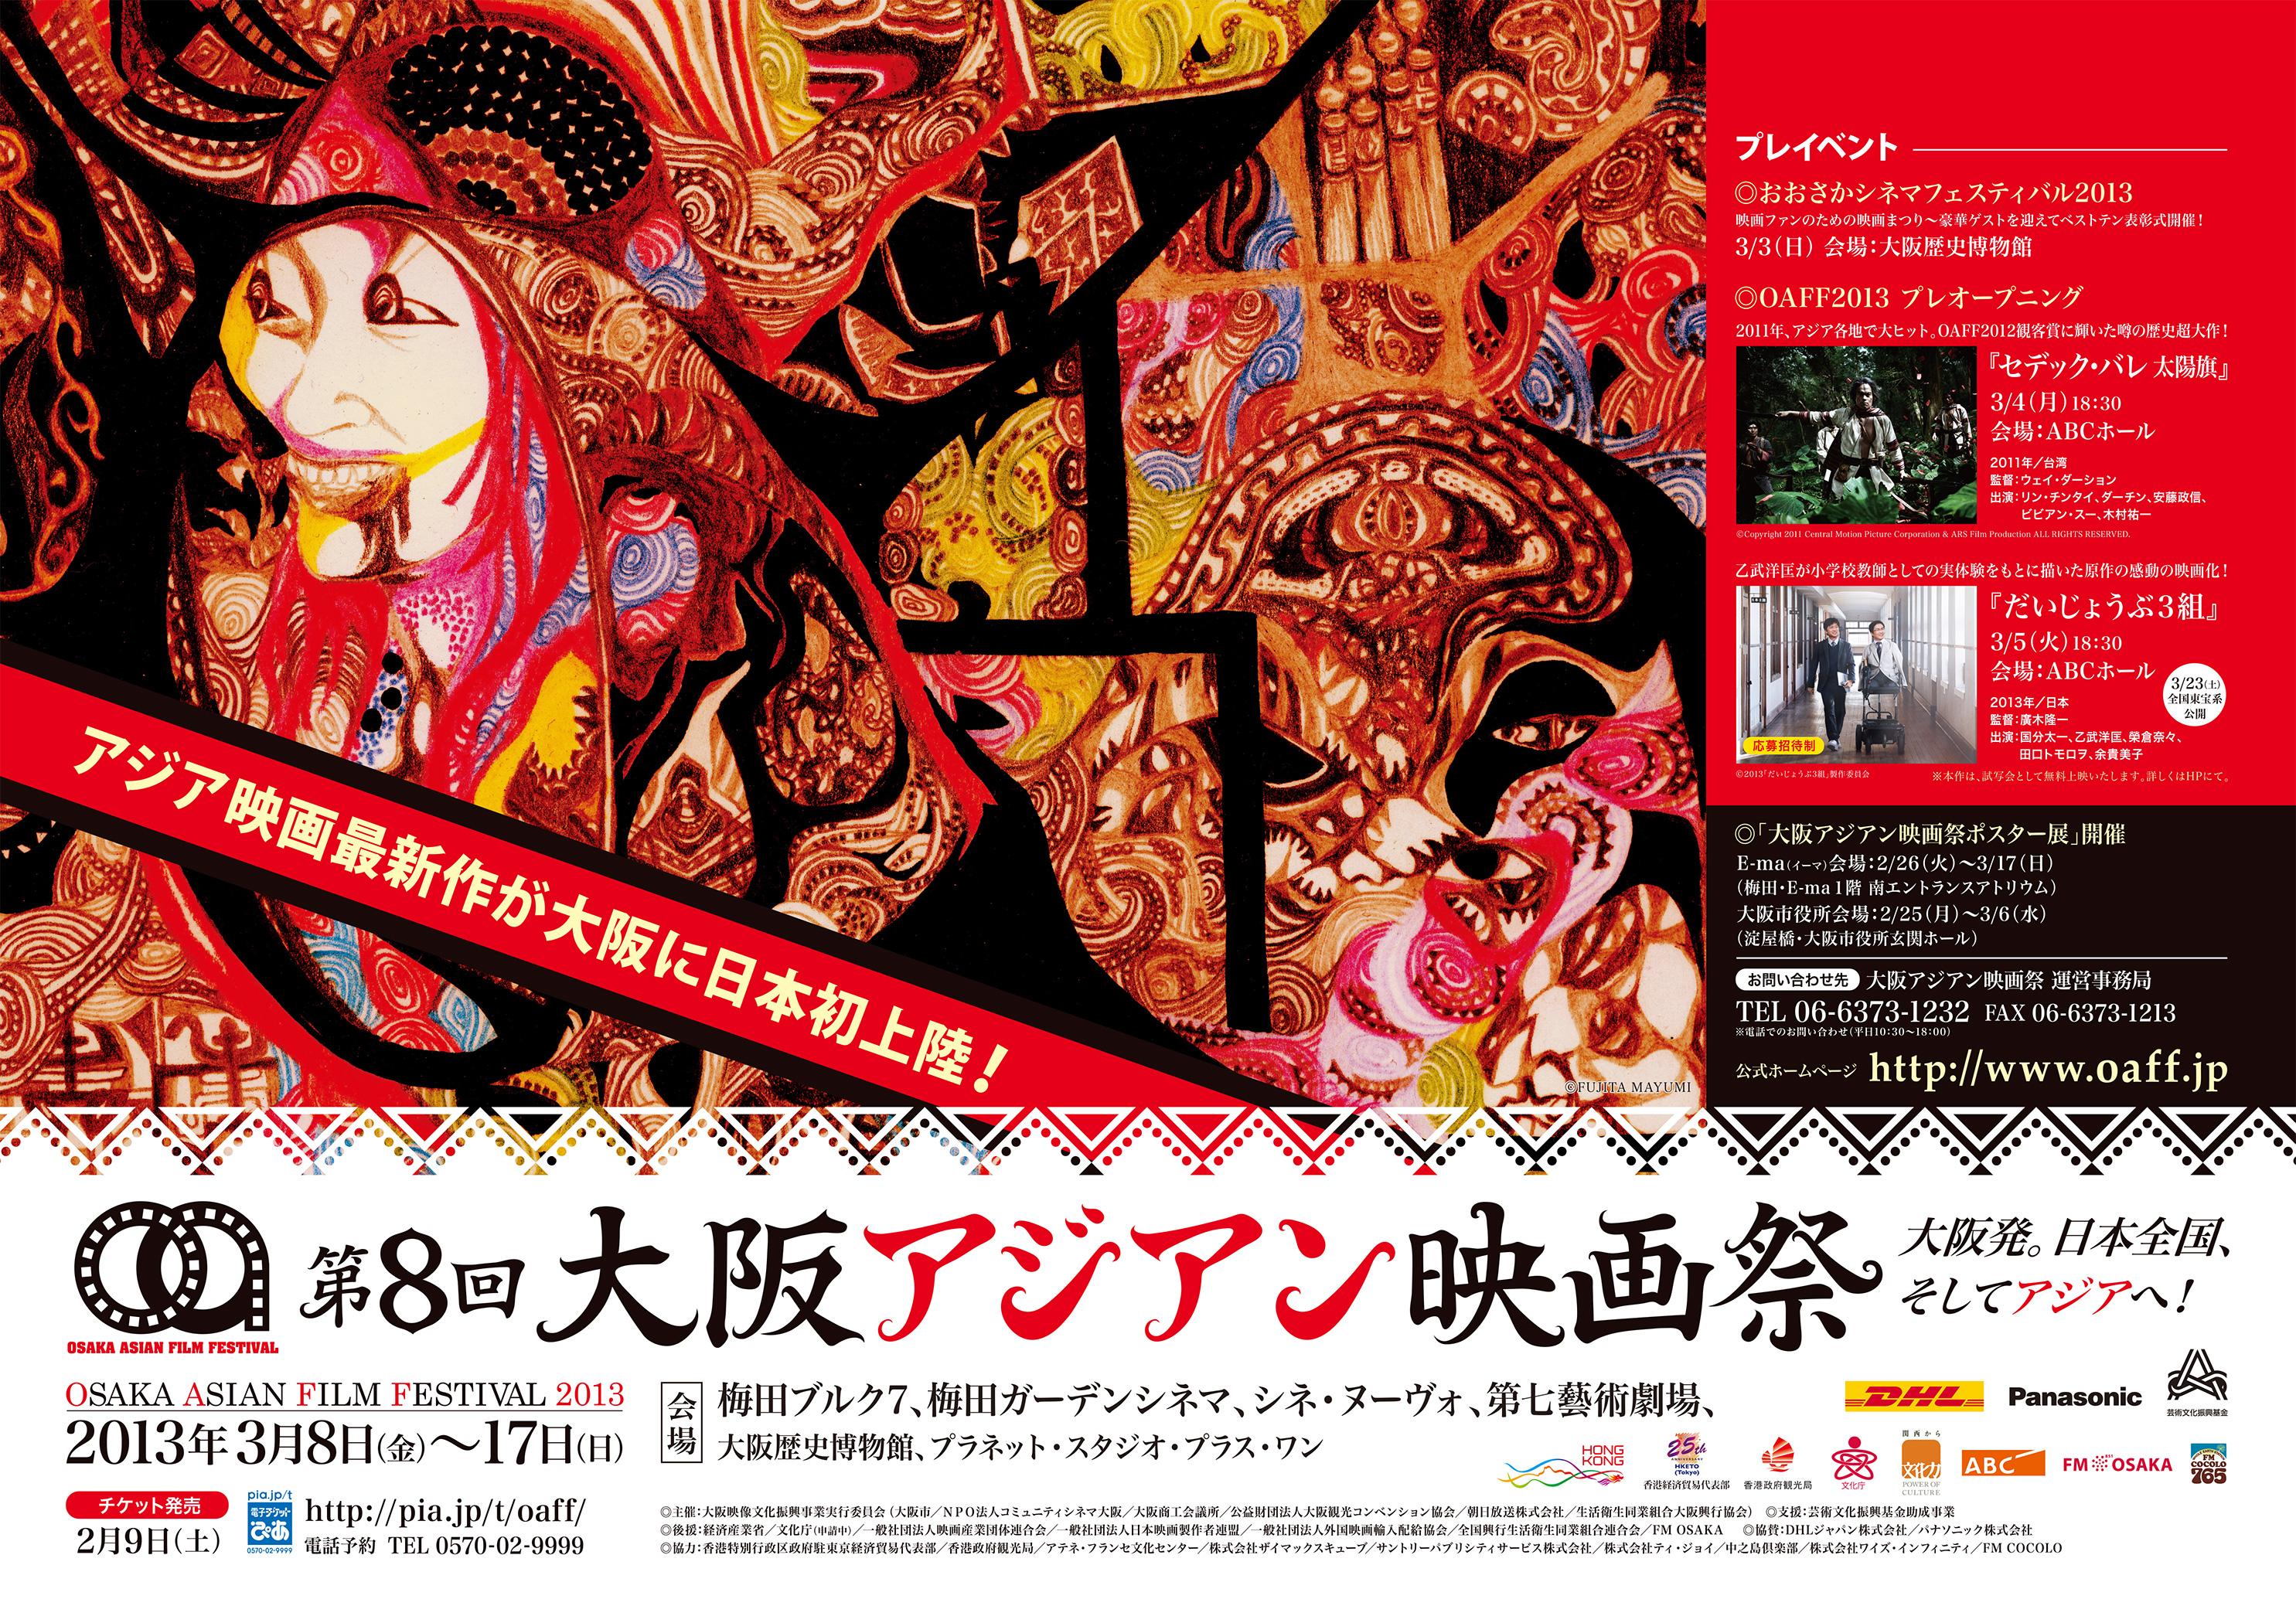 第8回 大阪アジアン映画祭2013